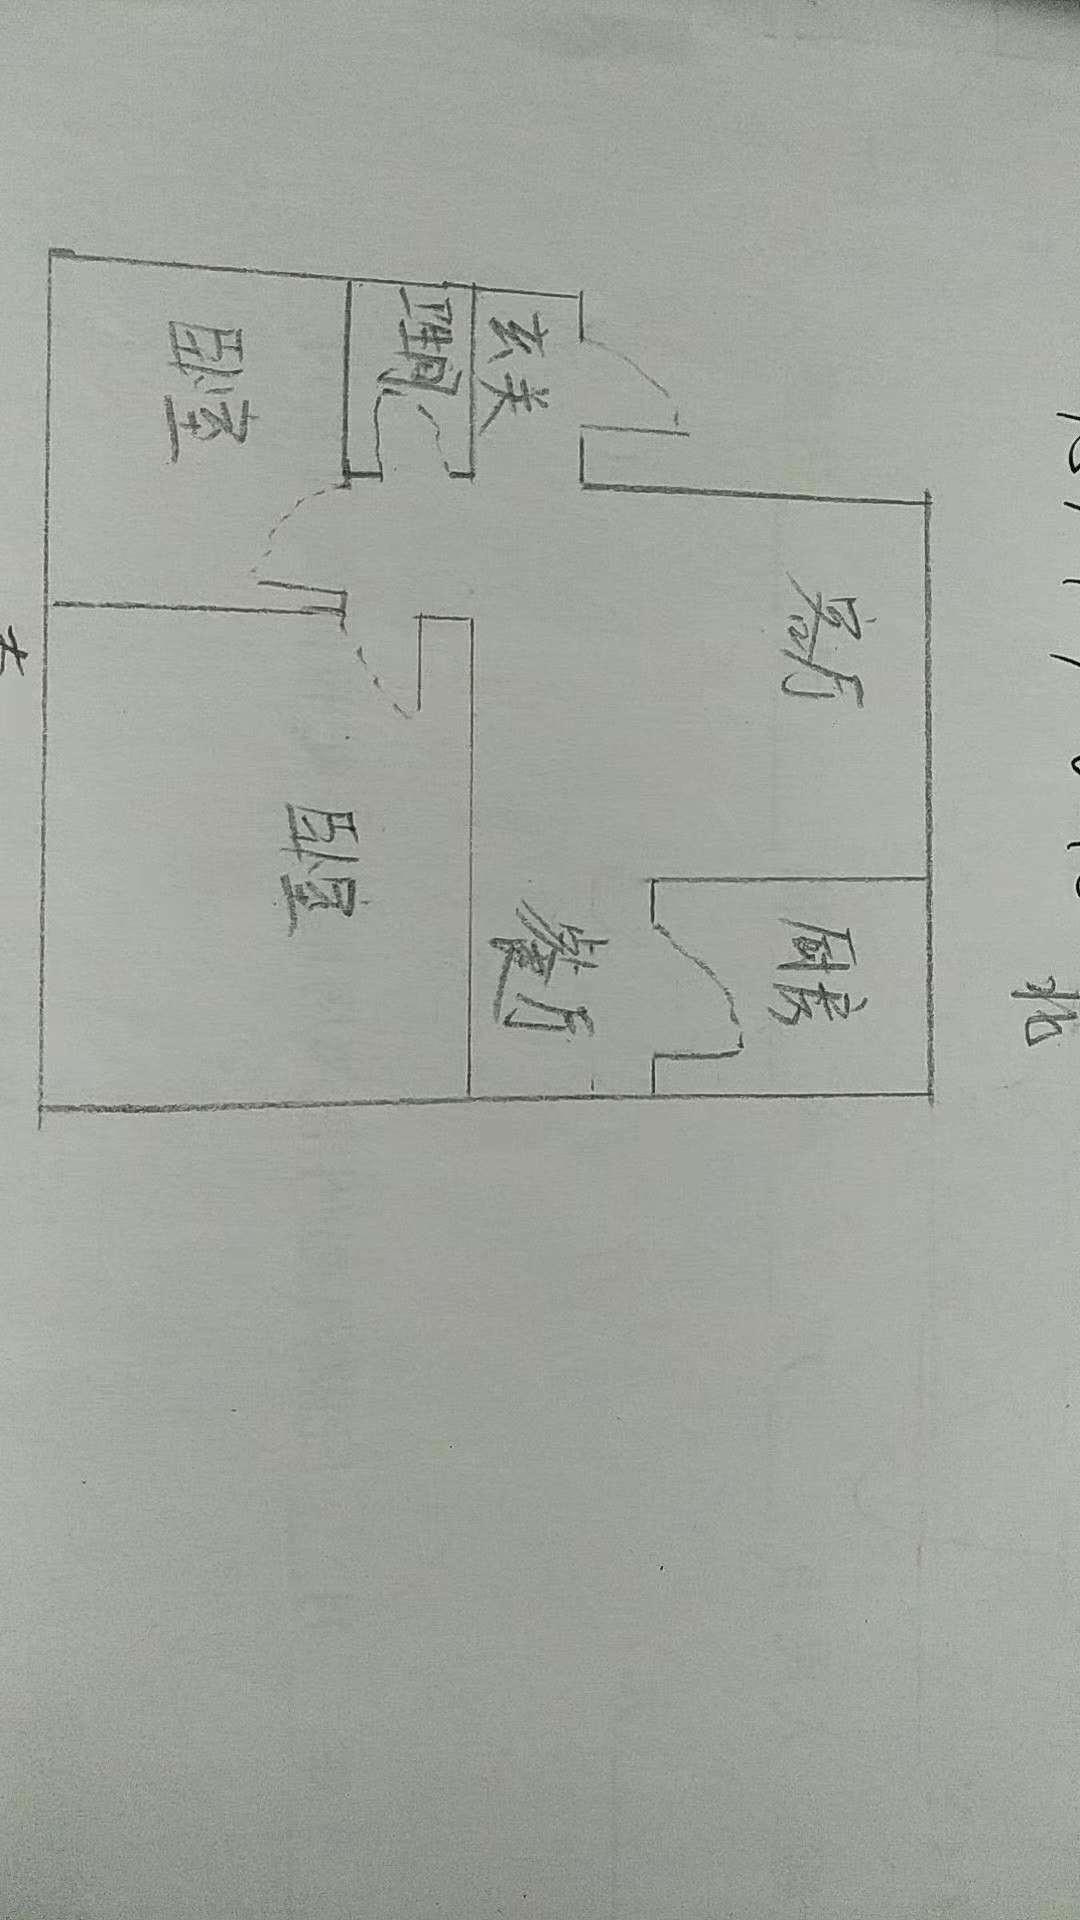 金光集团宿舍 2室2厅 5楼